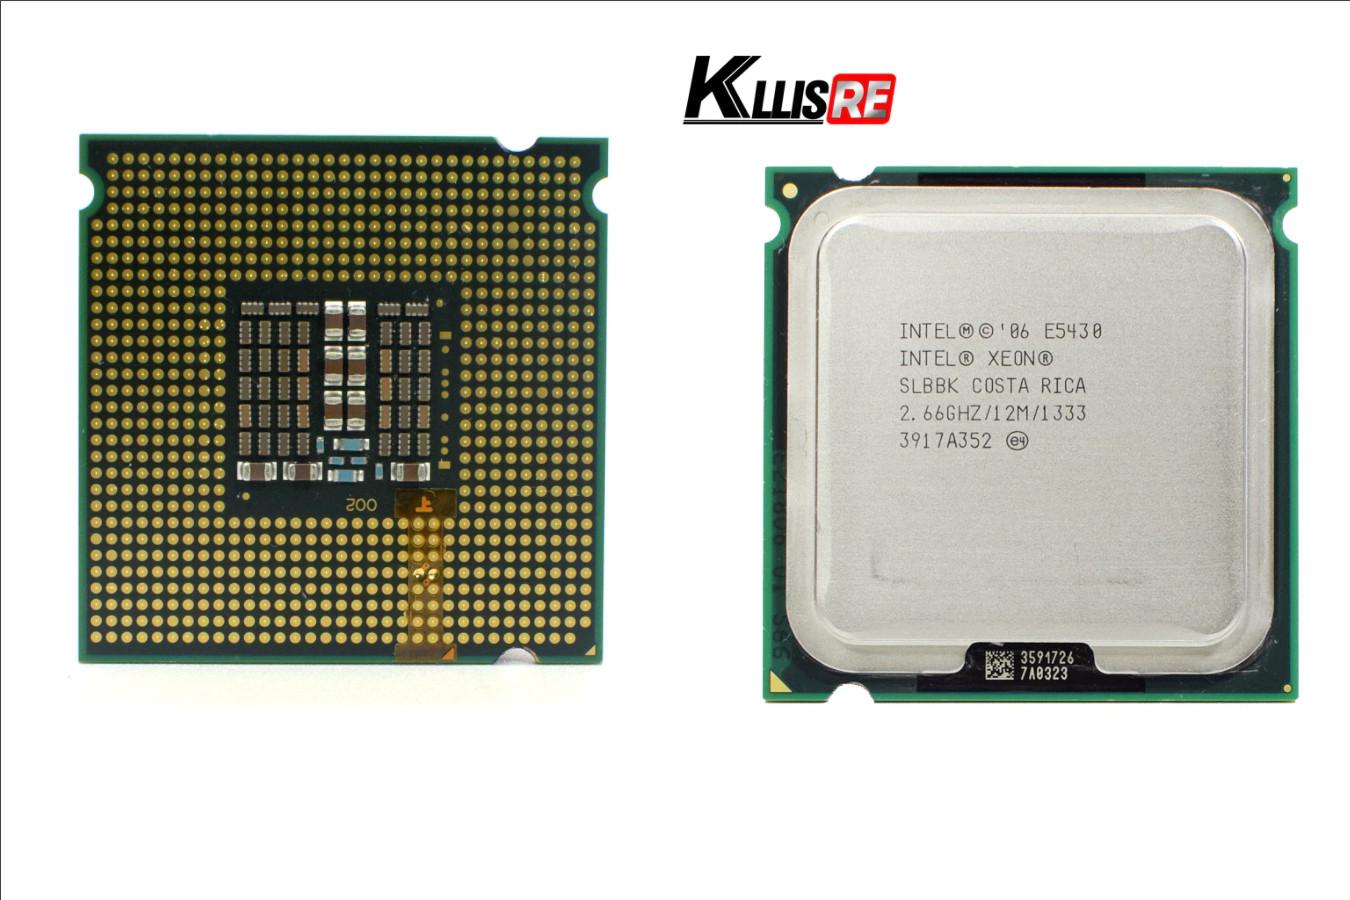 Процессор под Socket 775 — INTEL XEON E5430